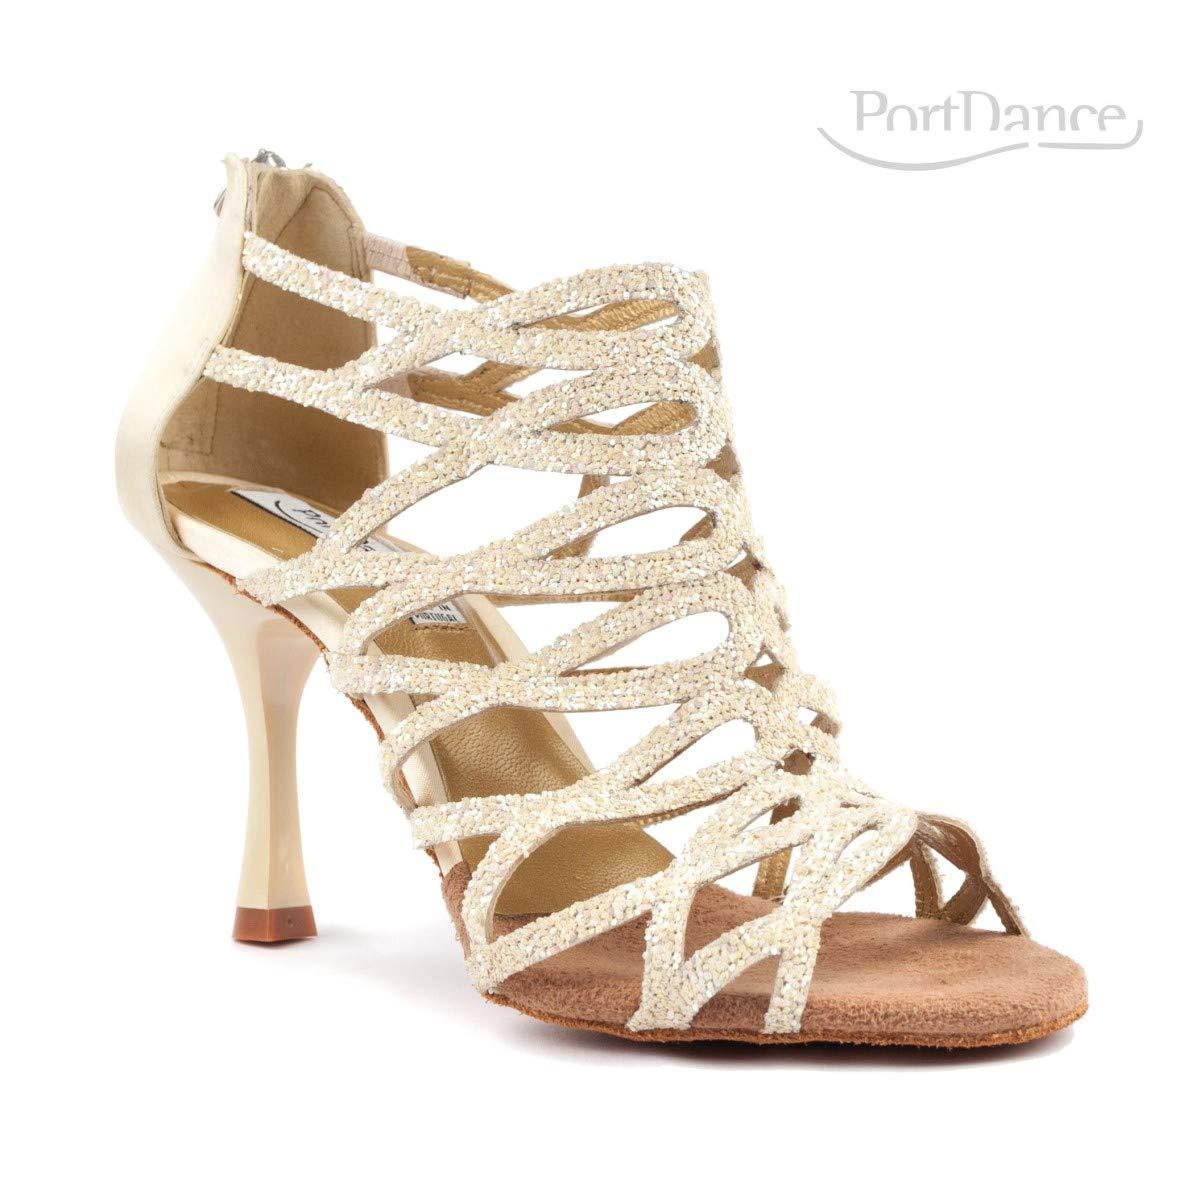 Portdance Femmes Chaussures de Danse PD803 Pro Satin//Glitter Champagne - Fabriqu/é au Portugal 7 cm Flare Petit